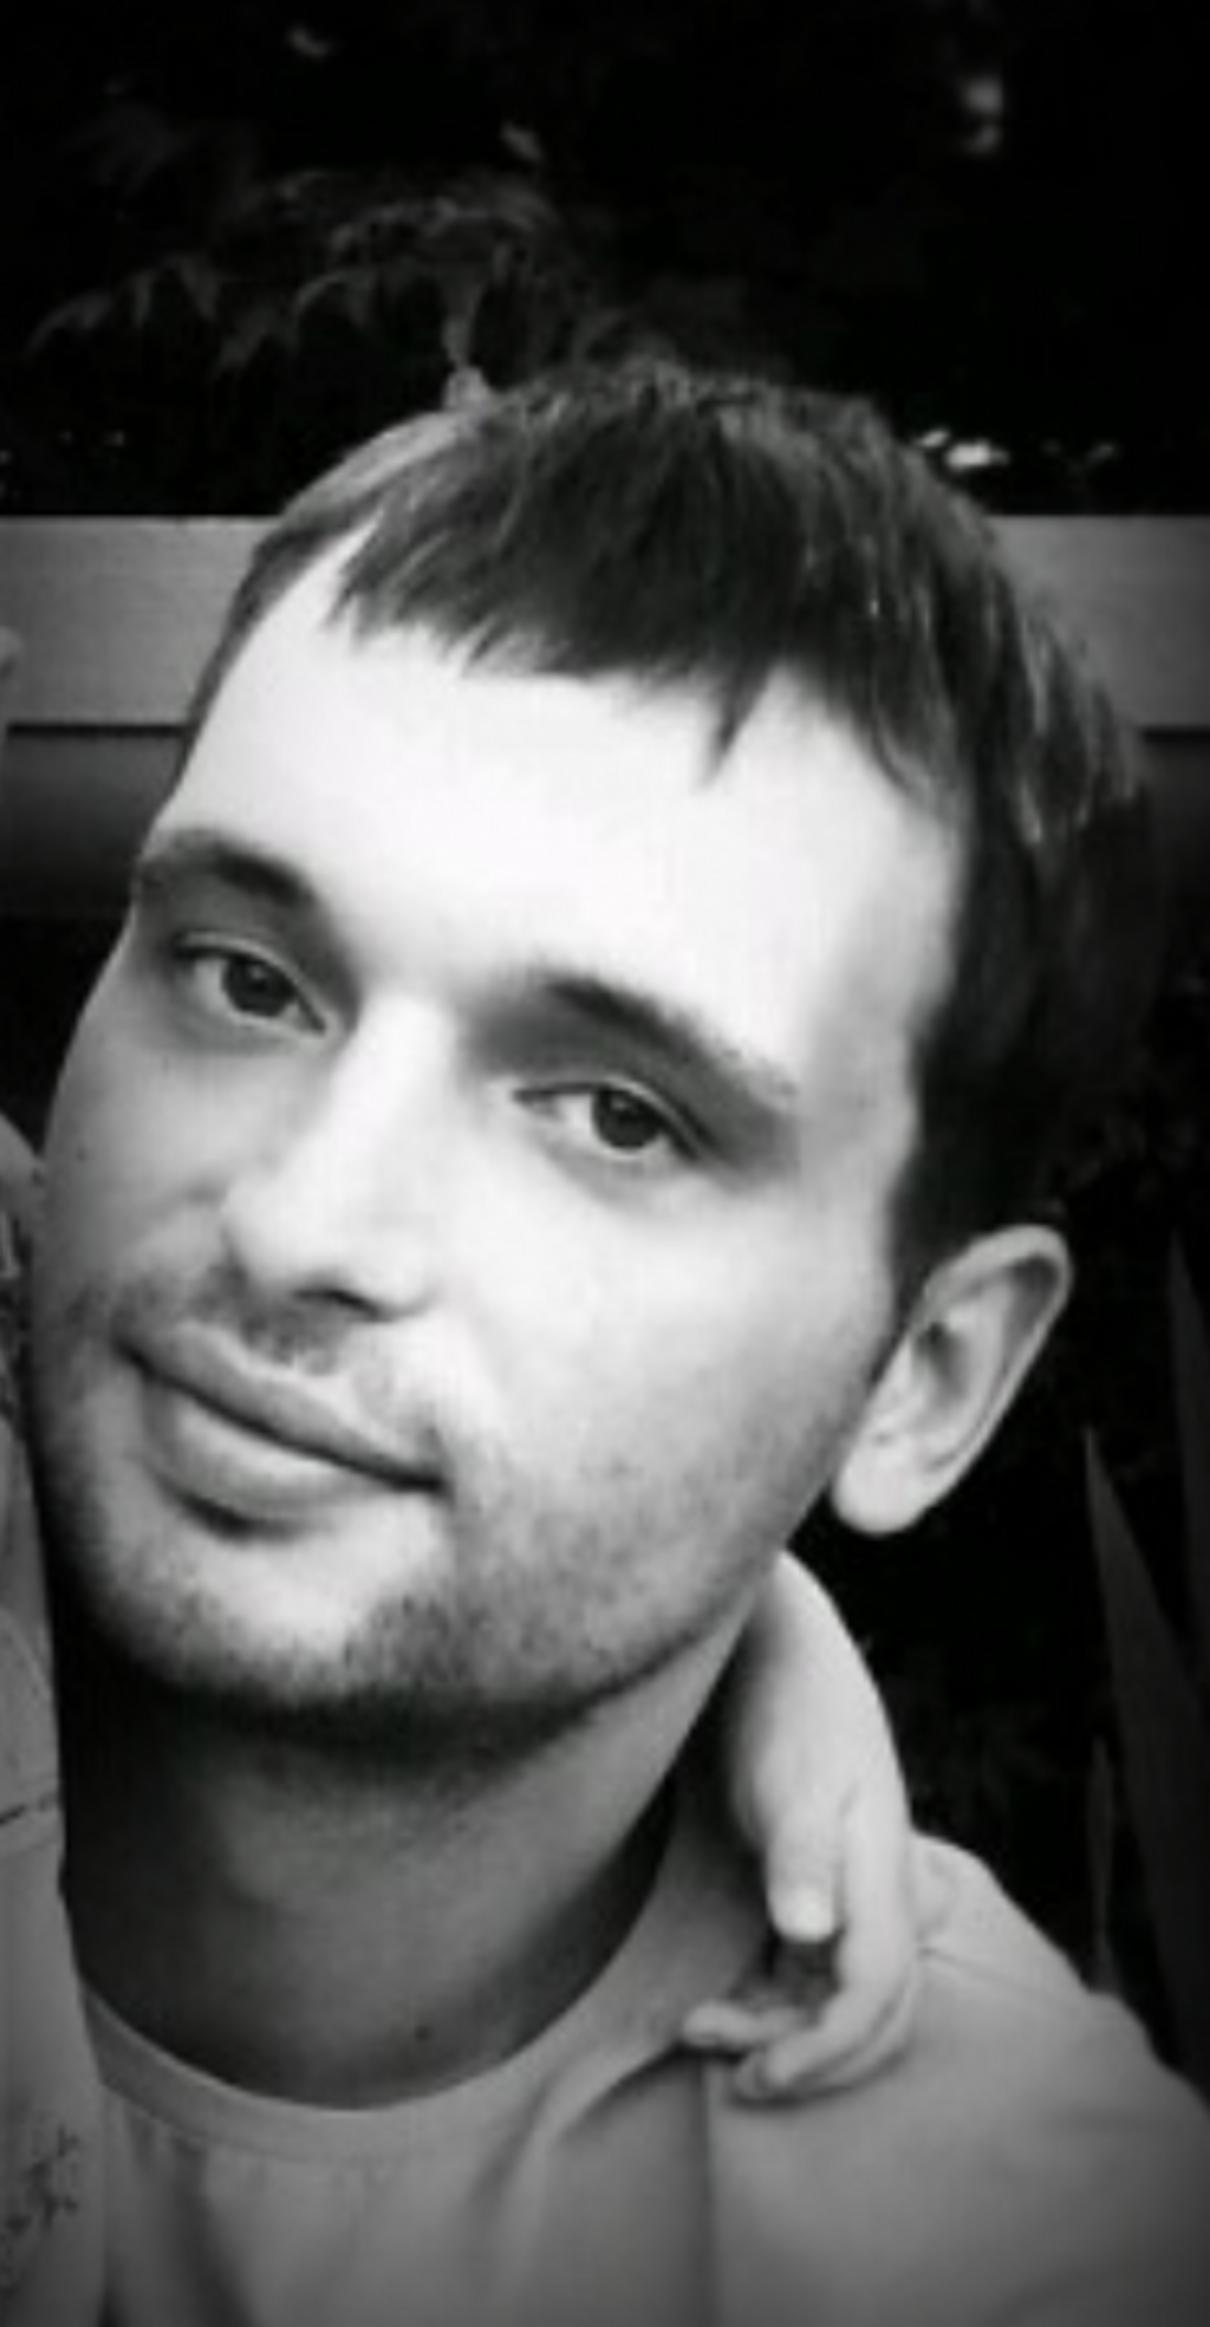 Жалоба-отзыв: Микрюков Максим Сергеевич 06.03.1987г.р - Альфонс.  Фото №2